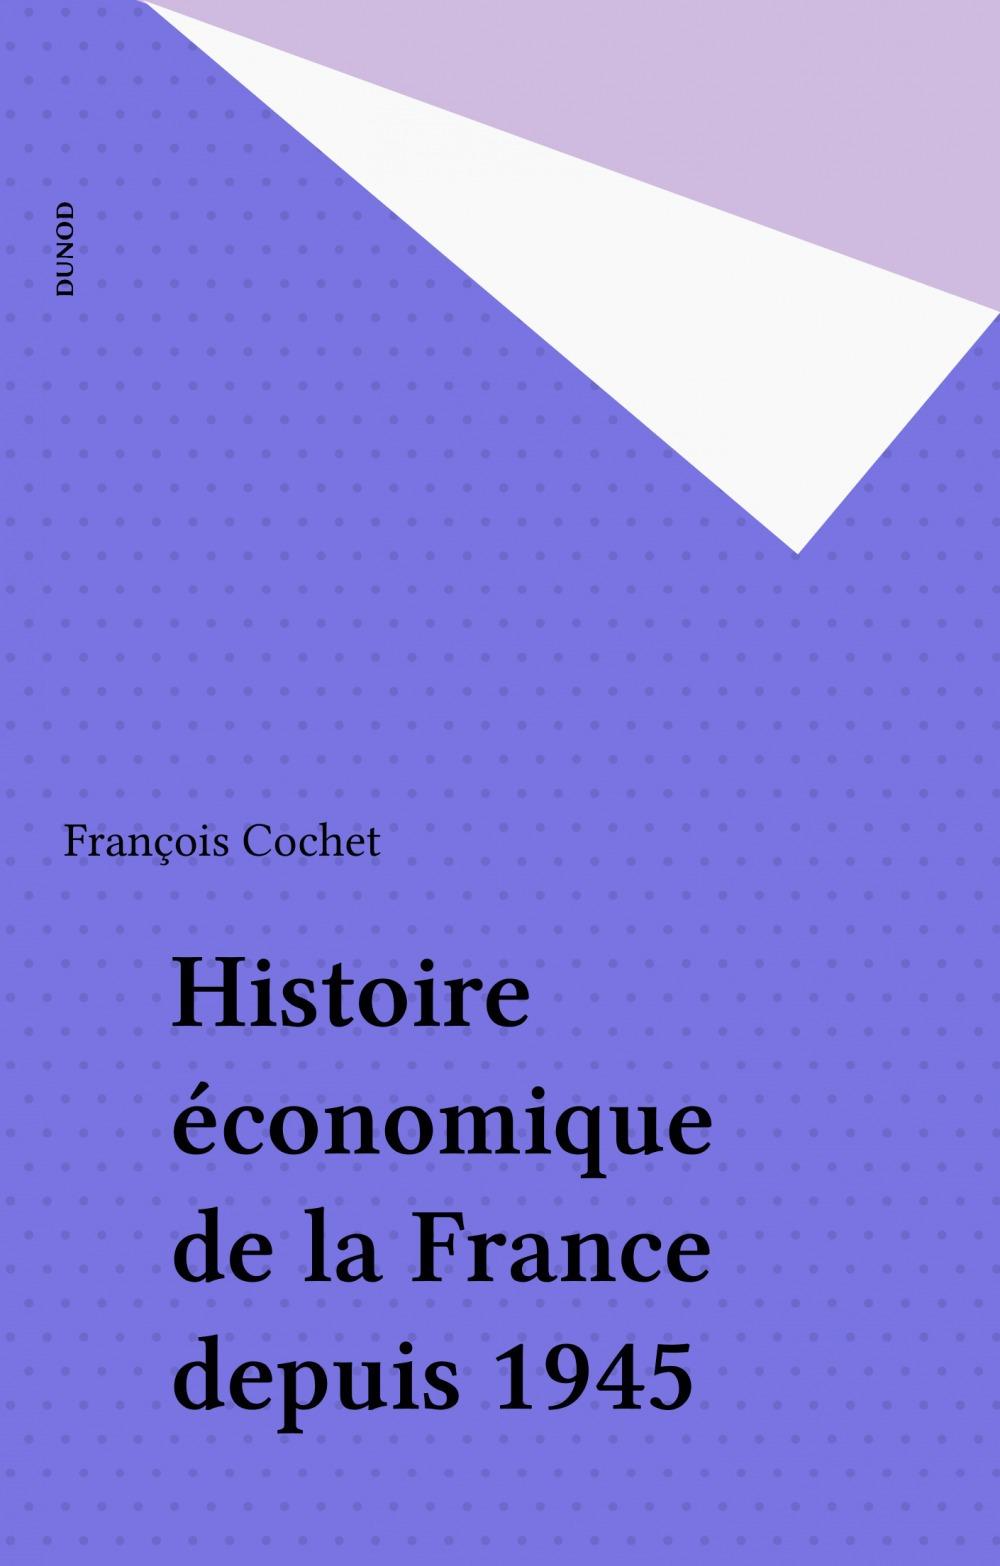 Histoire economique de la france depuis 1945